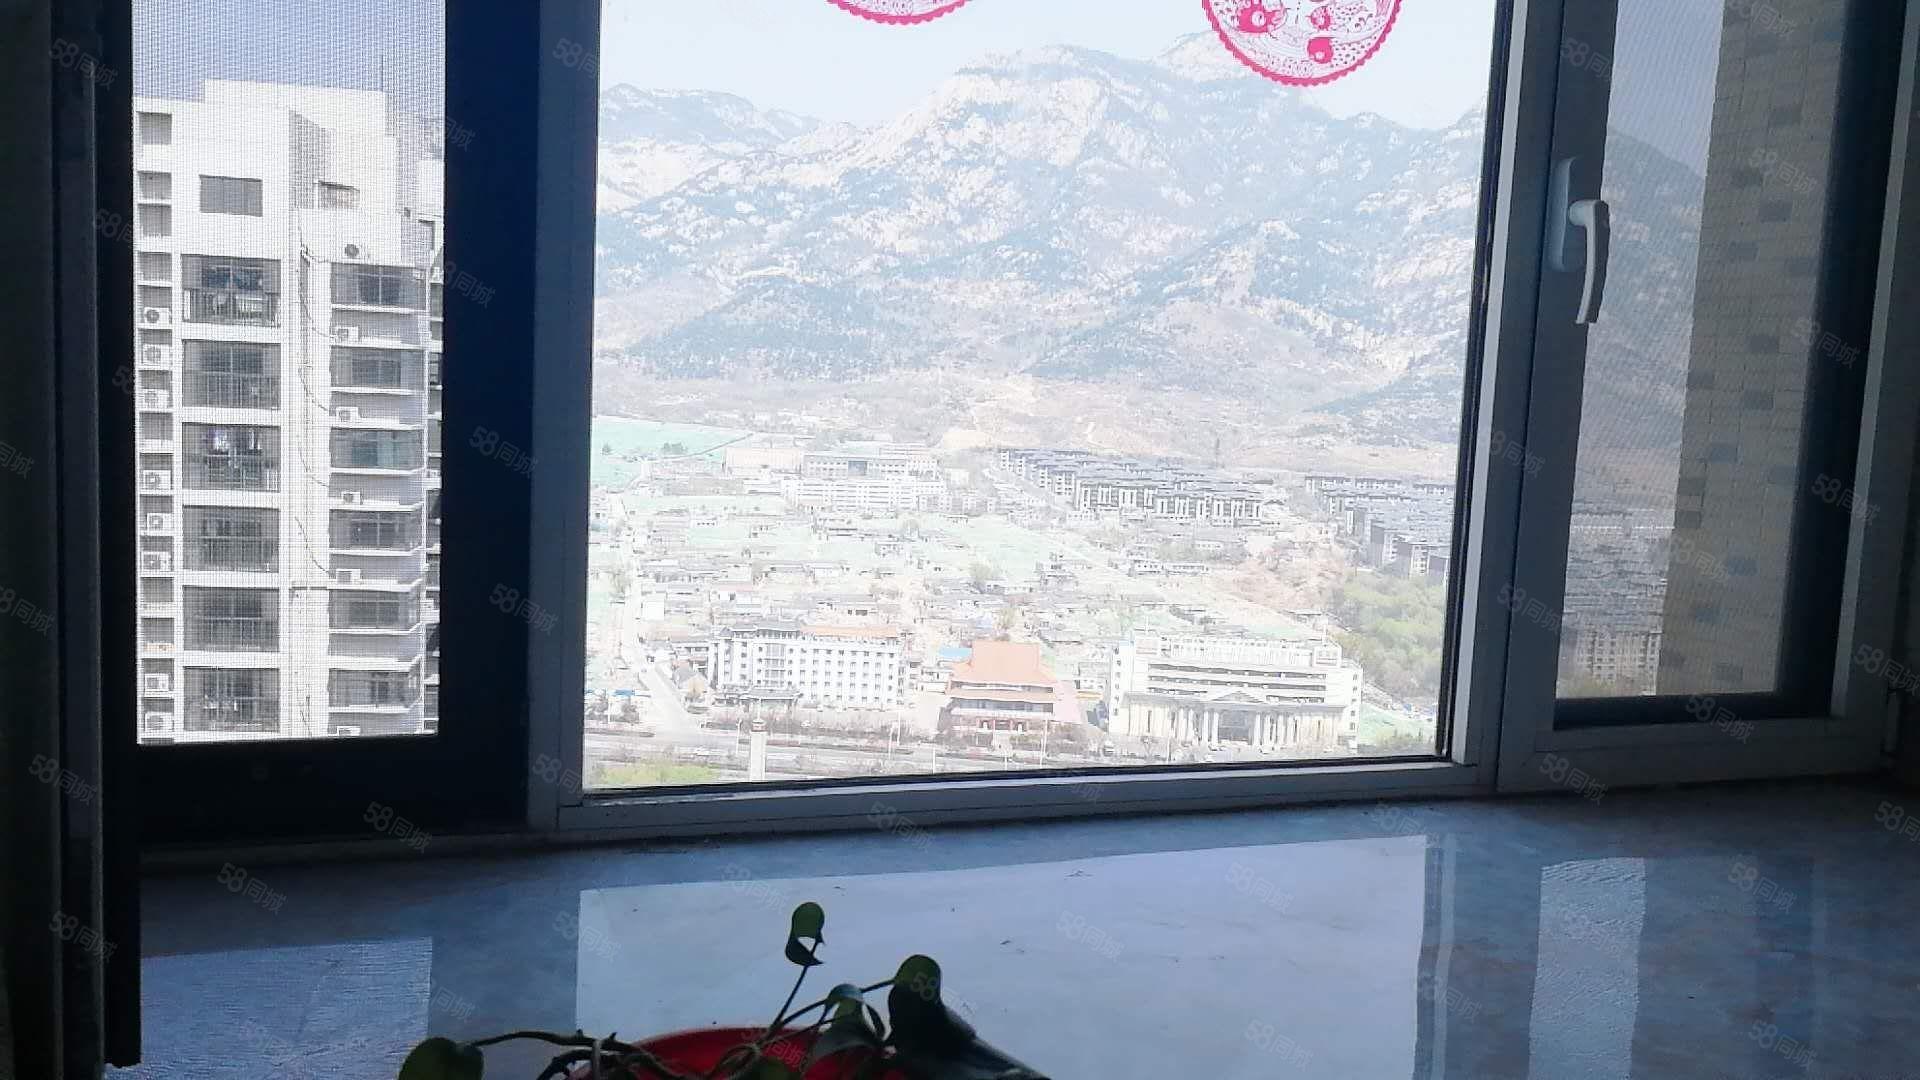 大展新城国际一室一厅一厨一卫精装修观山房名仕尚座